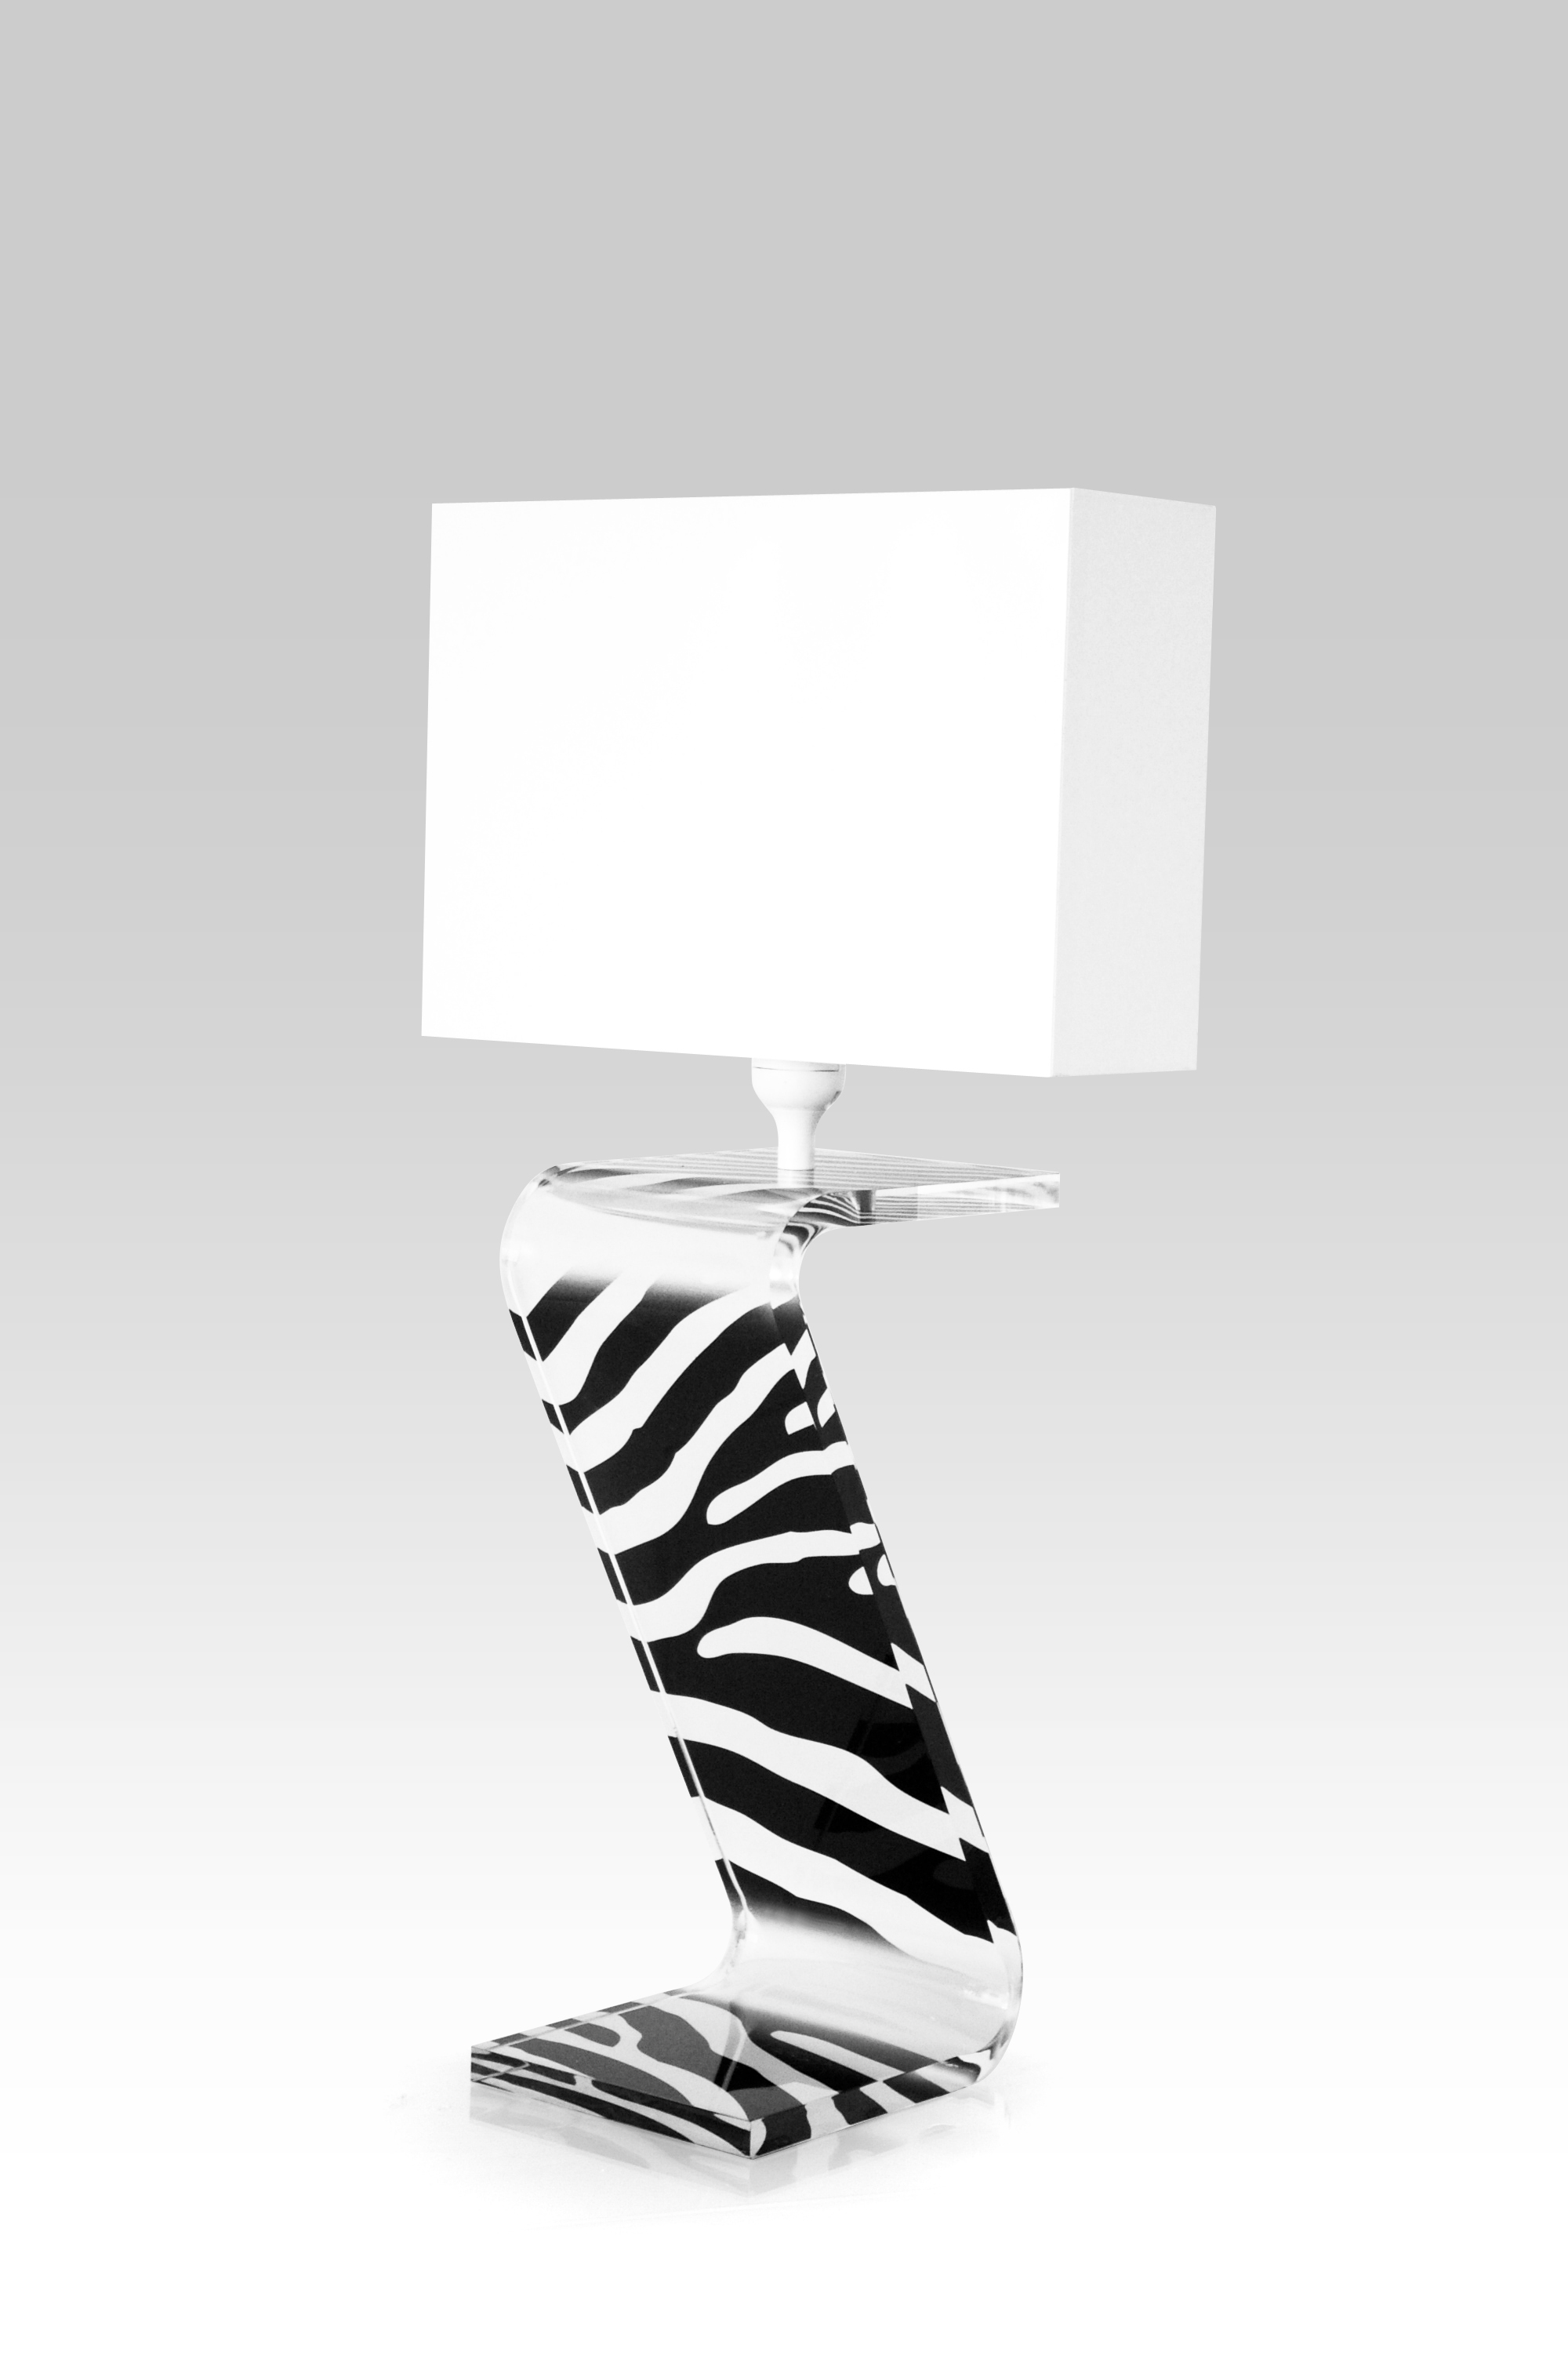 lampe Z zebre2.jpg